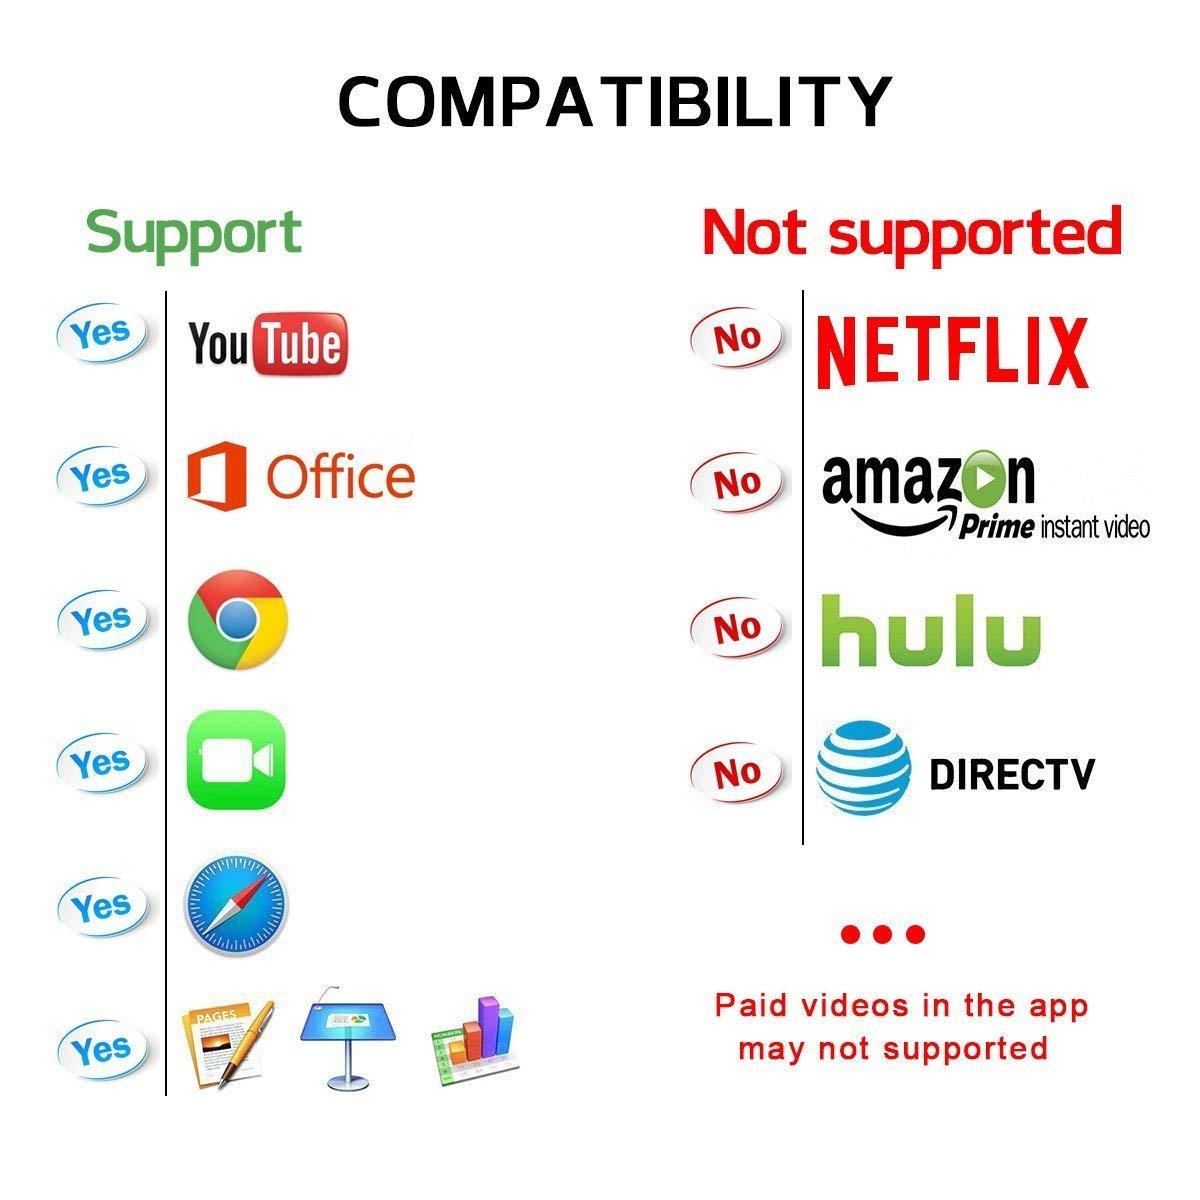 para Productos Android Adaptador de Pantalla de resoluci/ón de tel/éfono//proyector//resoluci/ón de 1080p para tel/éfono con Pantalla Espejo Kdely Type-C Micro USB a Cable HDMI convertidor MHL a HDMI